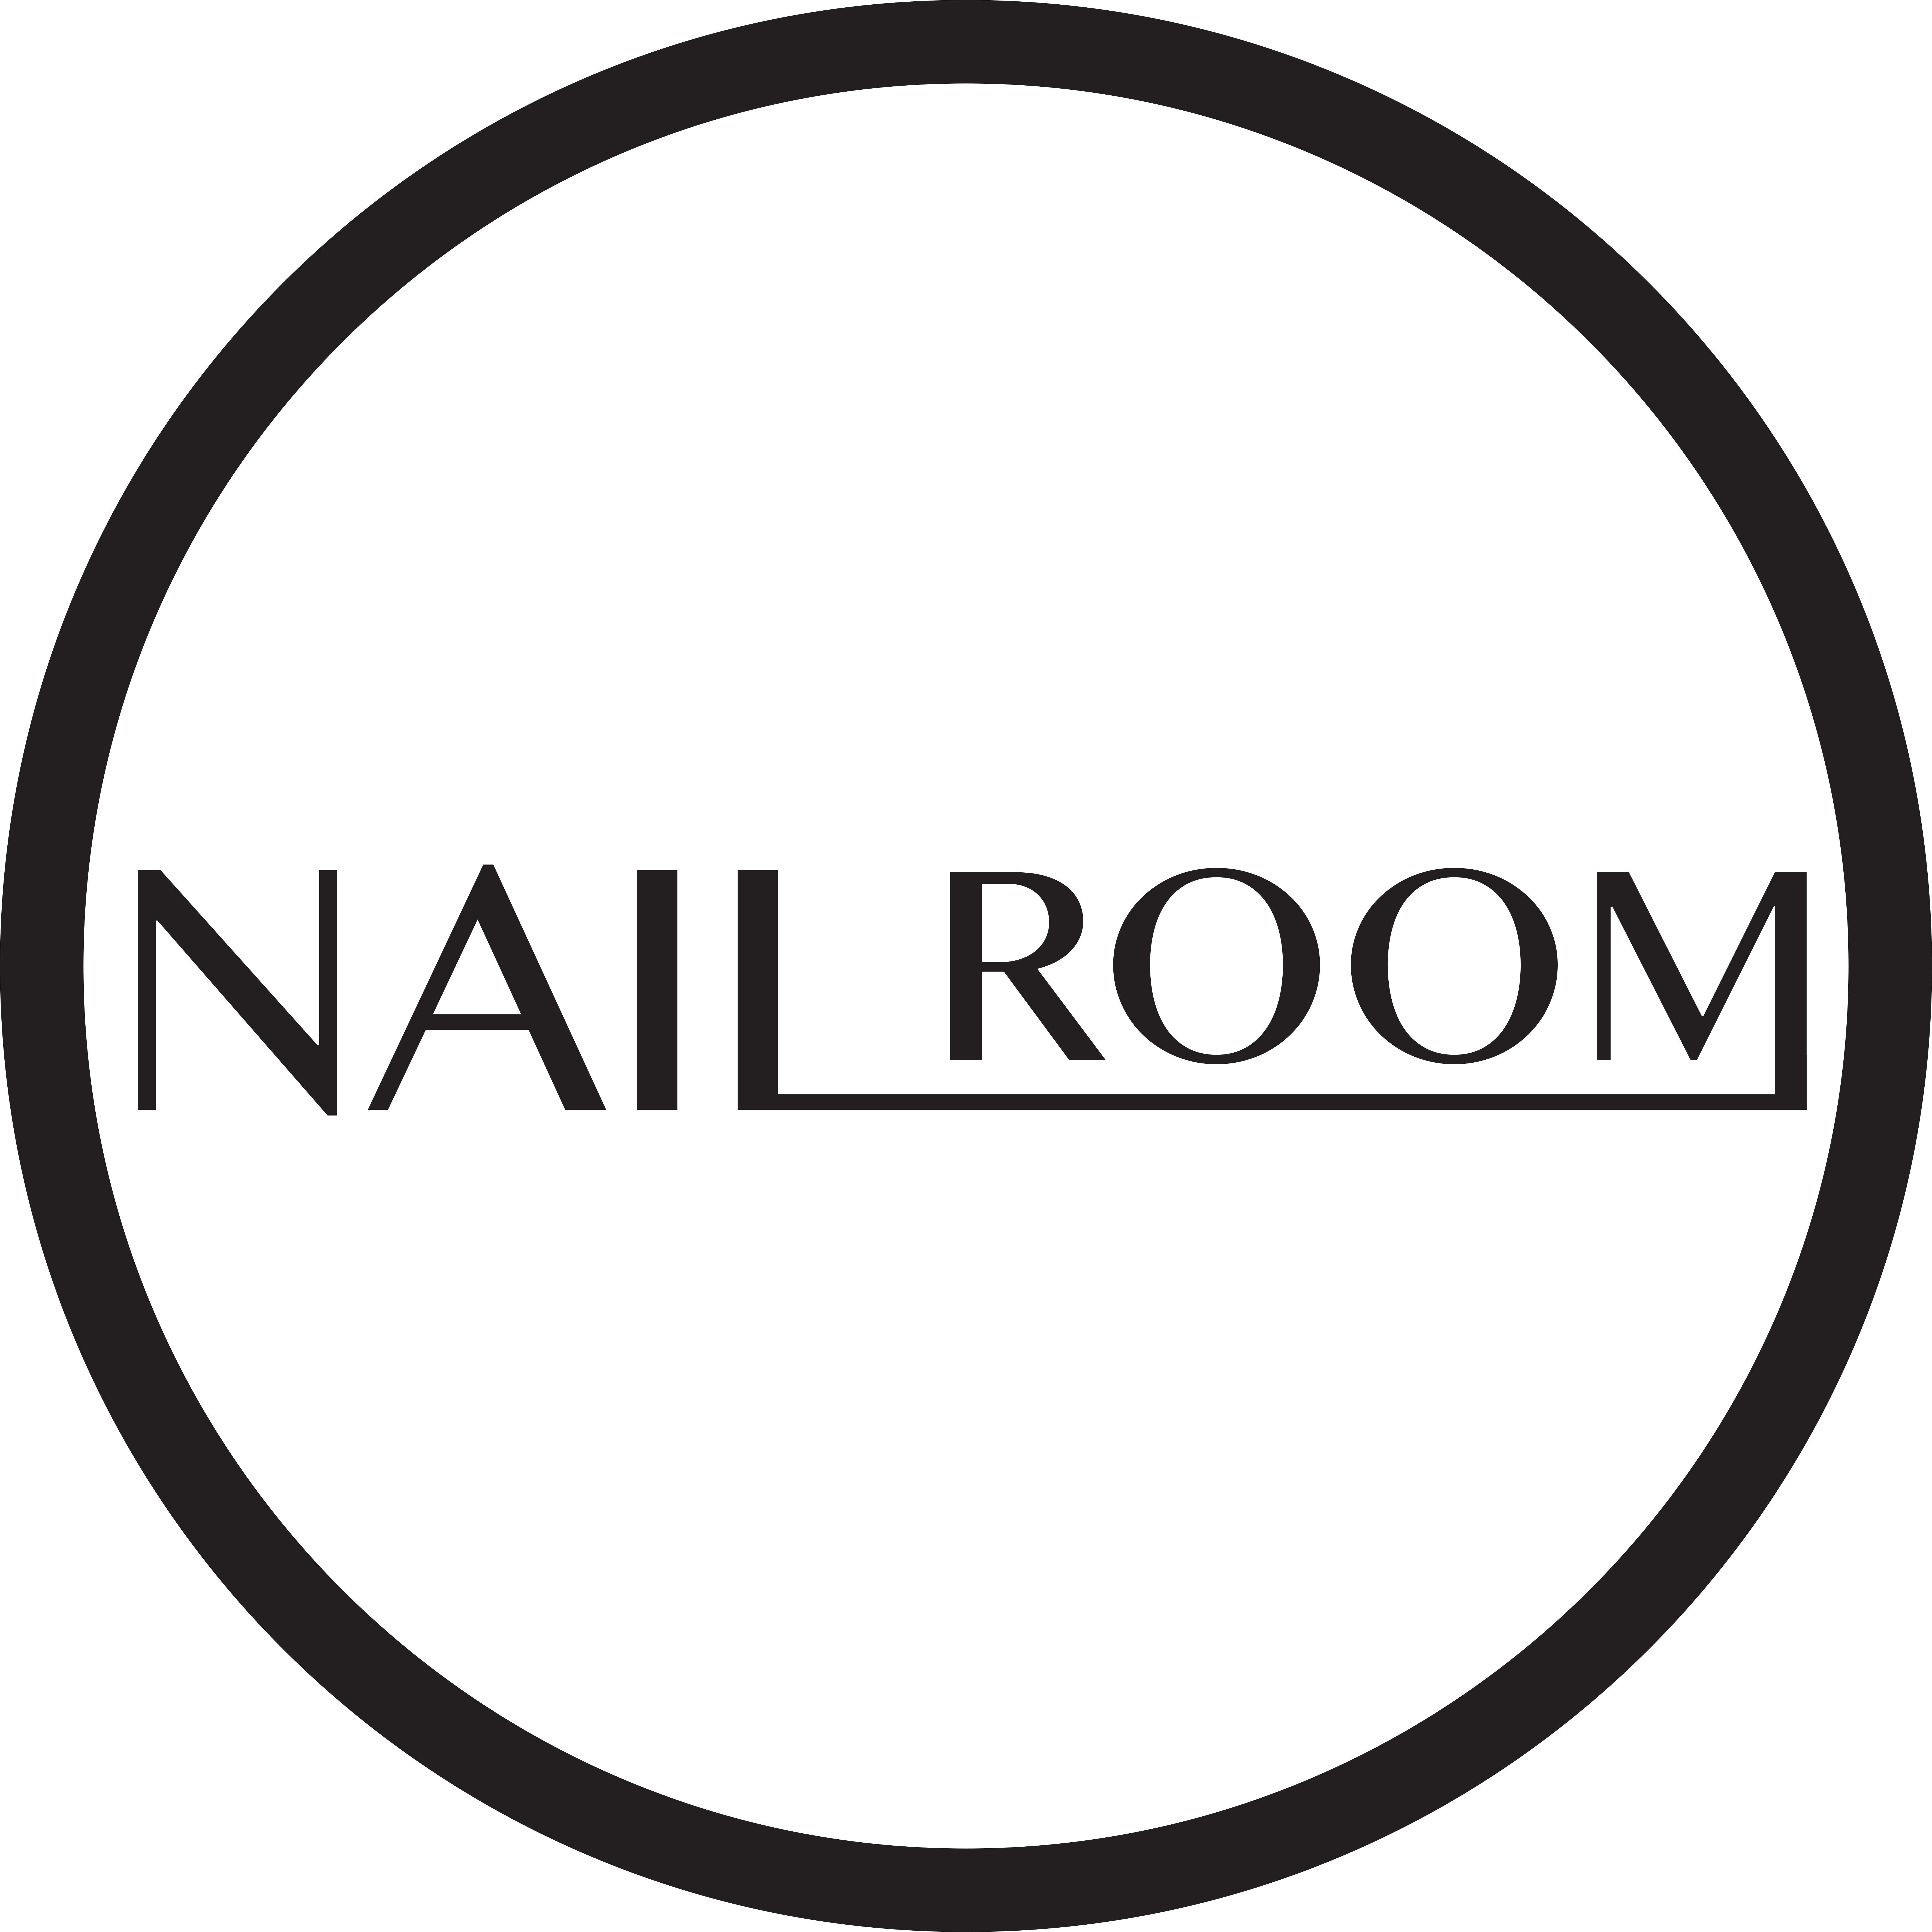 ნეილ რუმი / NAIL ROOM